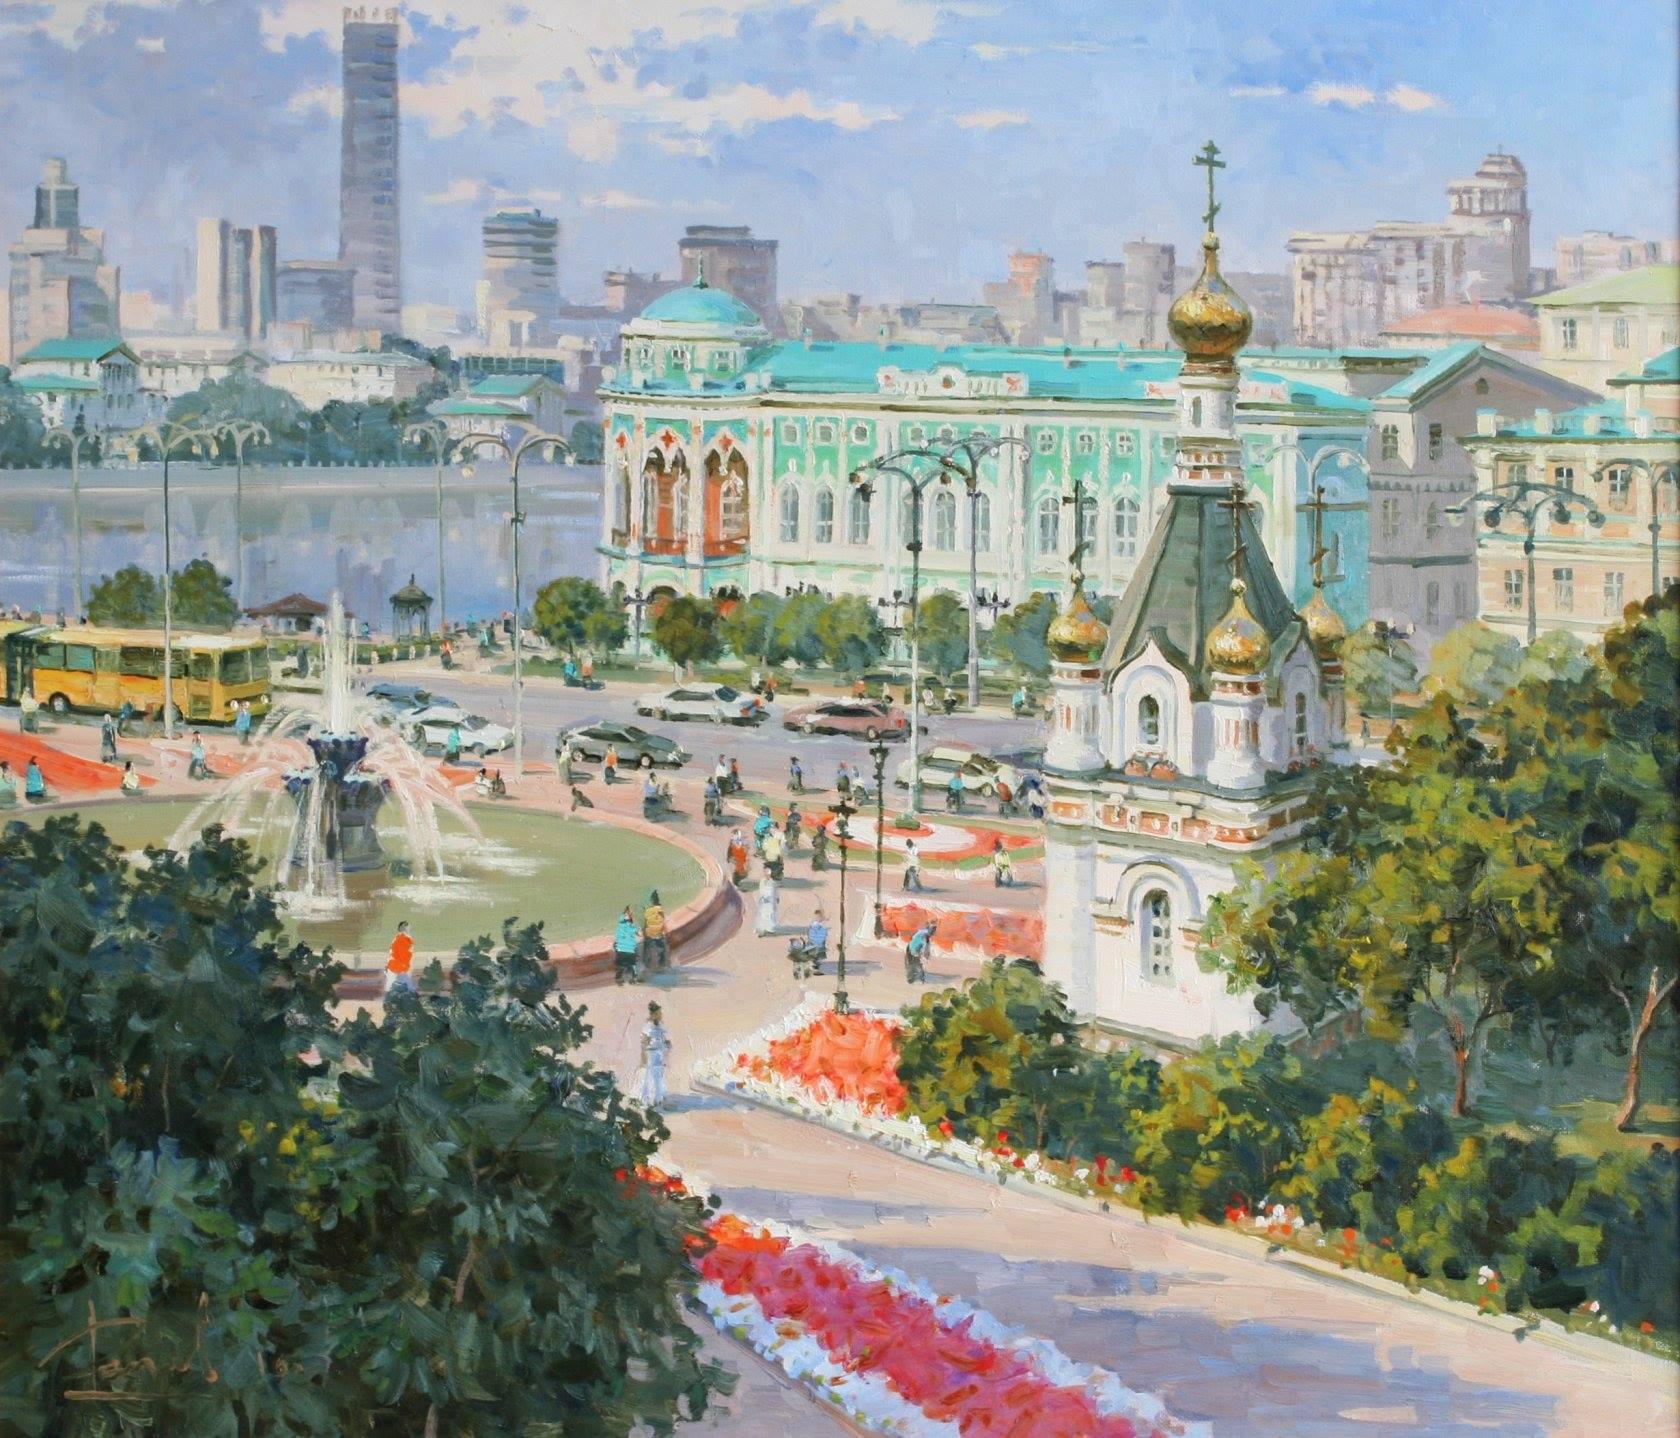 Открытки с видами екатеринбурга и краткая история создания города